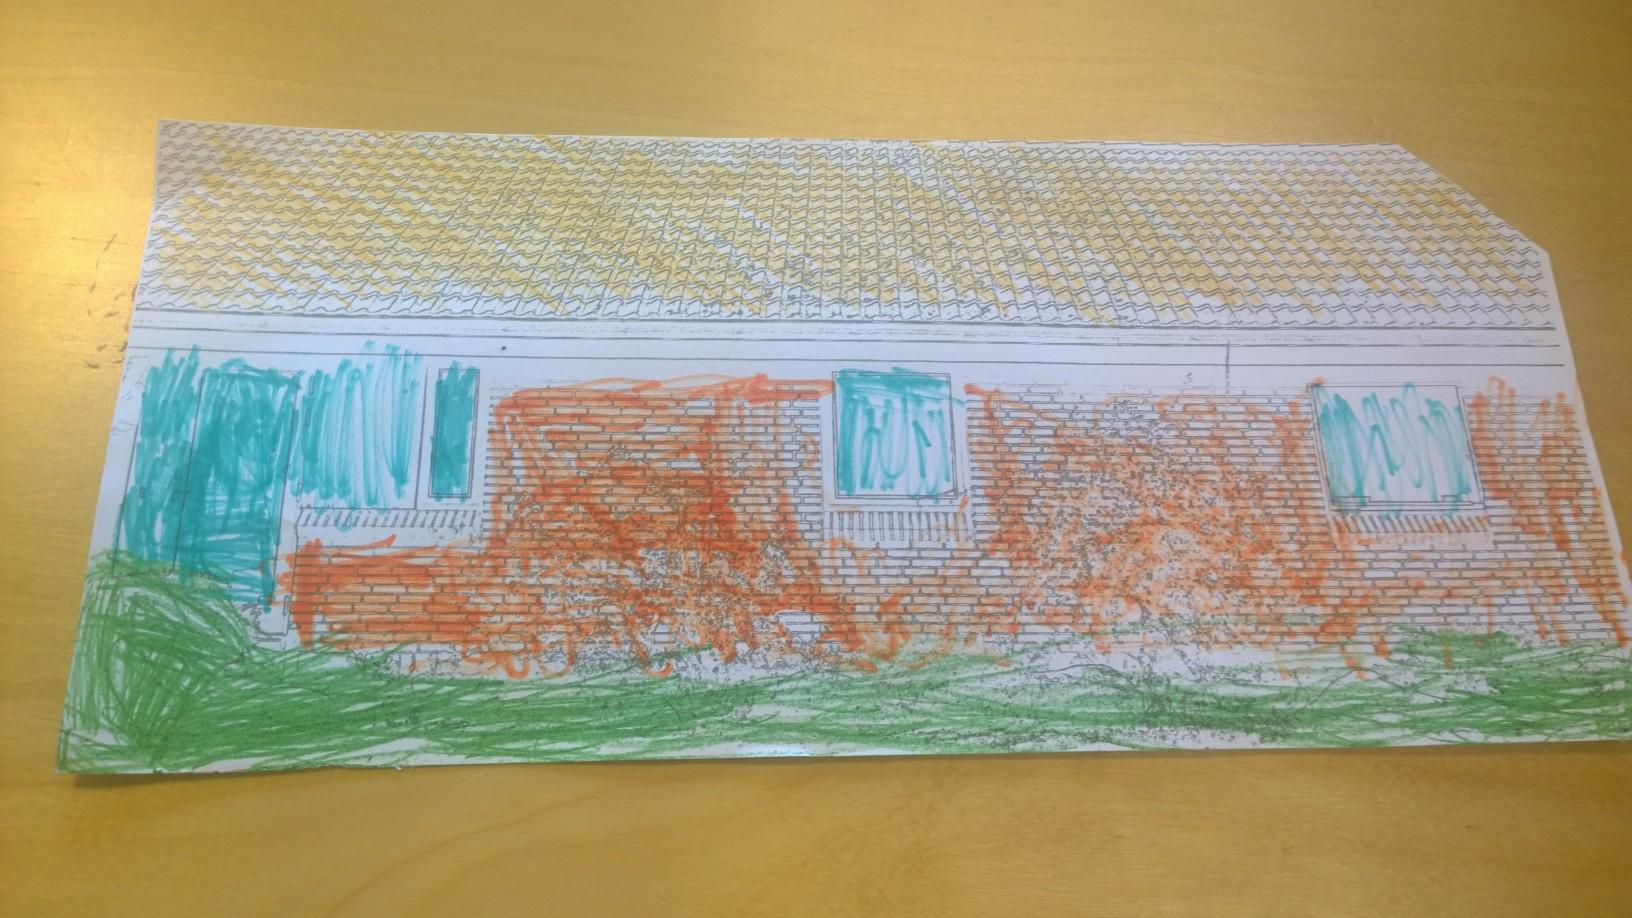 """Drengens udtryk i farveskitse """"Parcelhus"""". Play-talk konceptet indeholder 3 forskellige hustyper."""